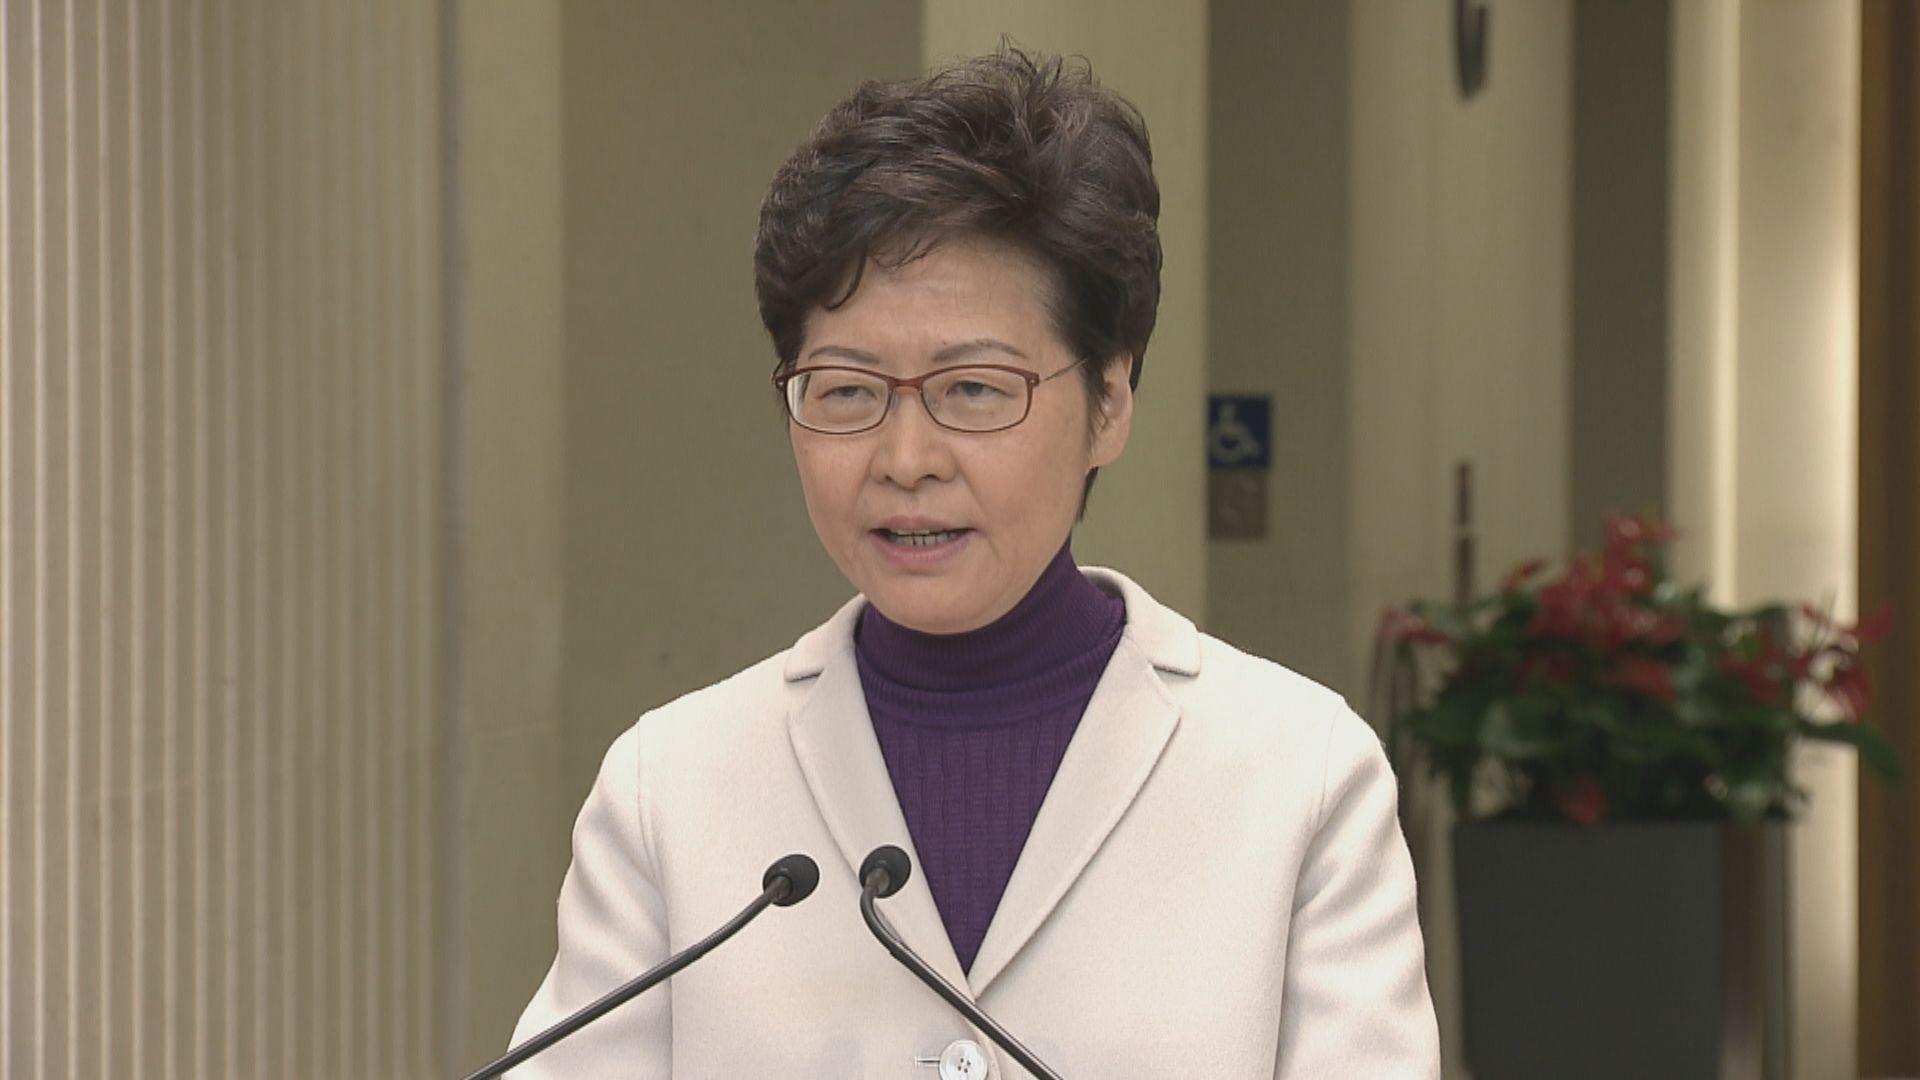 林鄭強烈反對美通過人權法案 反問香港有何自由受磨損